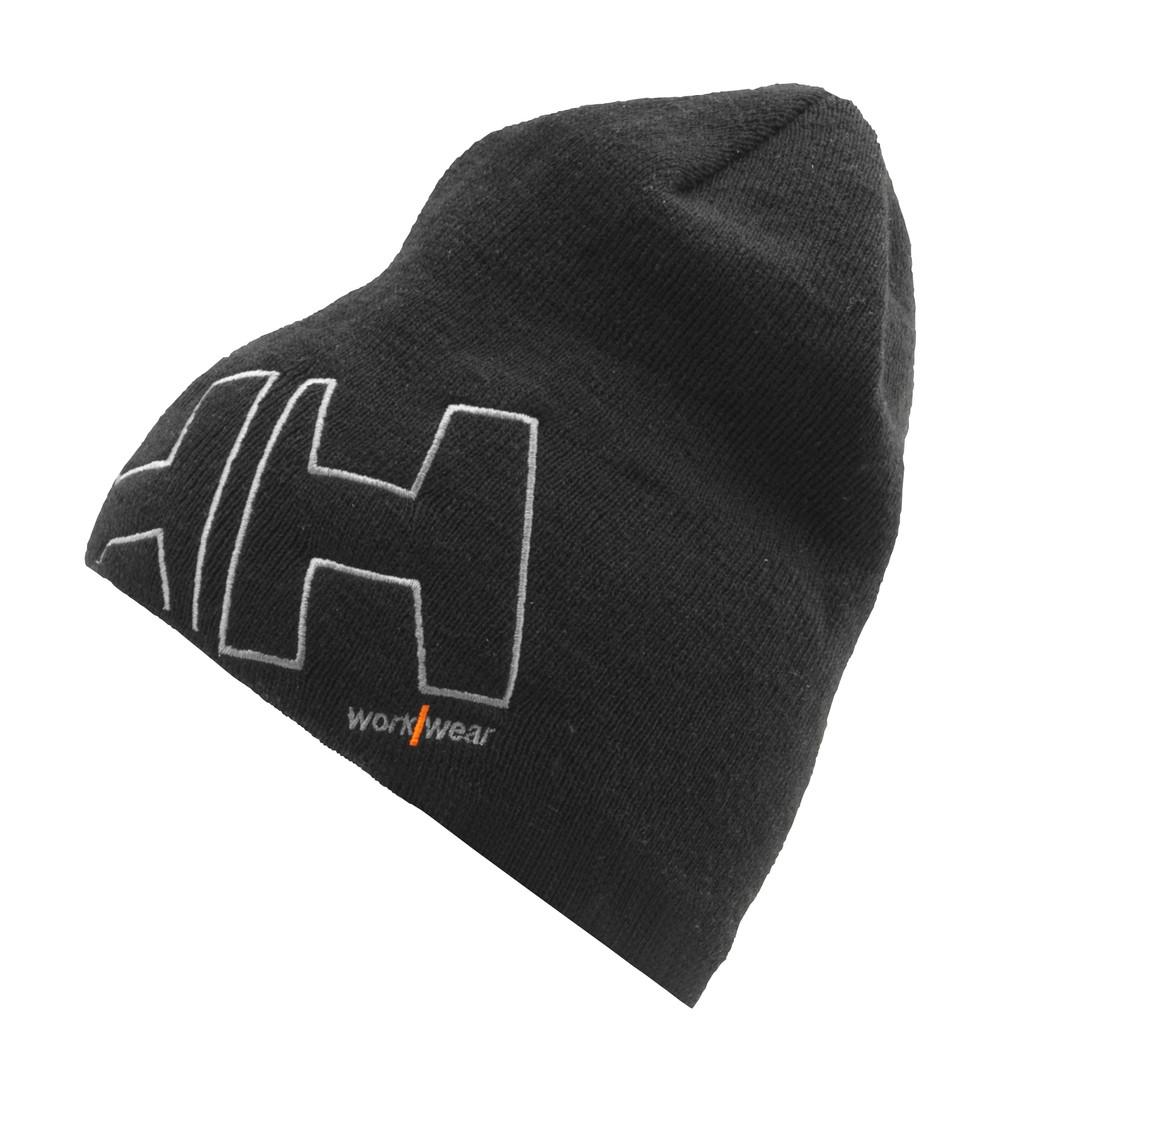 Шапка Helly Hansen HH WW Beanie - 79830 (Black; STD)